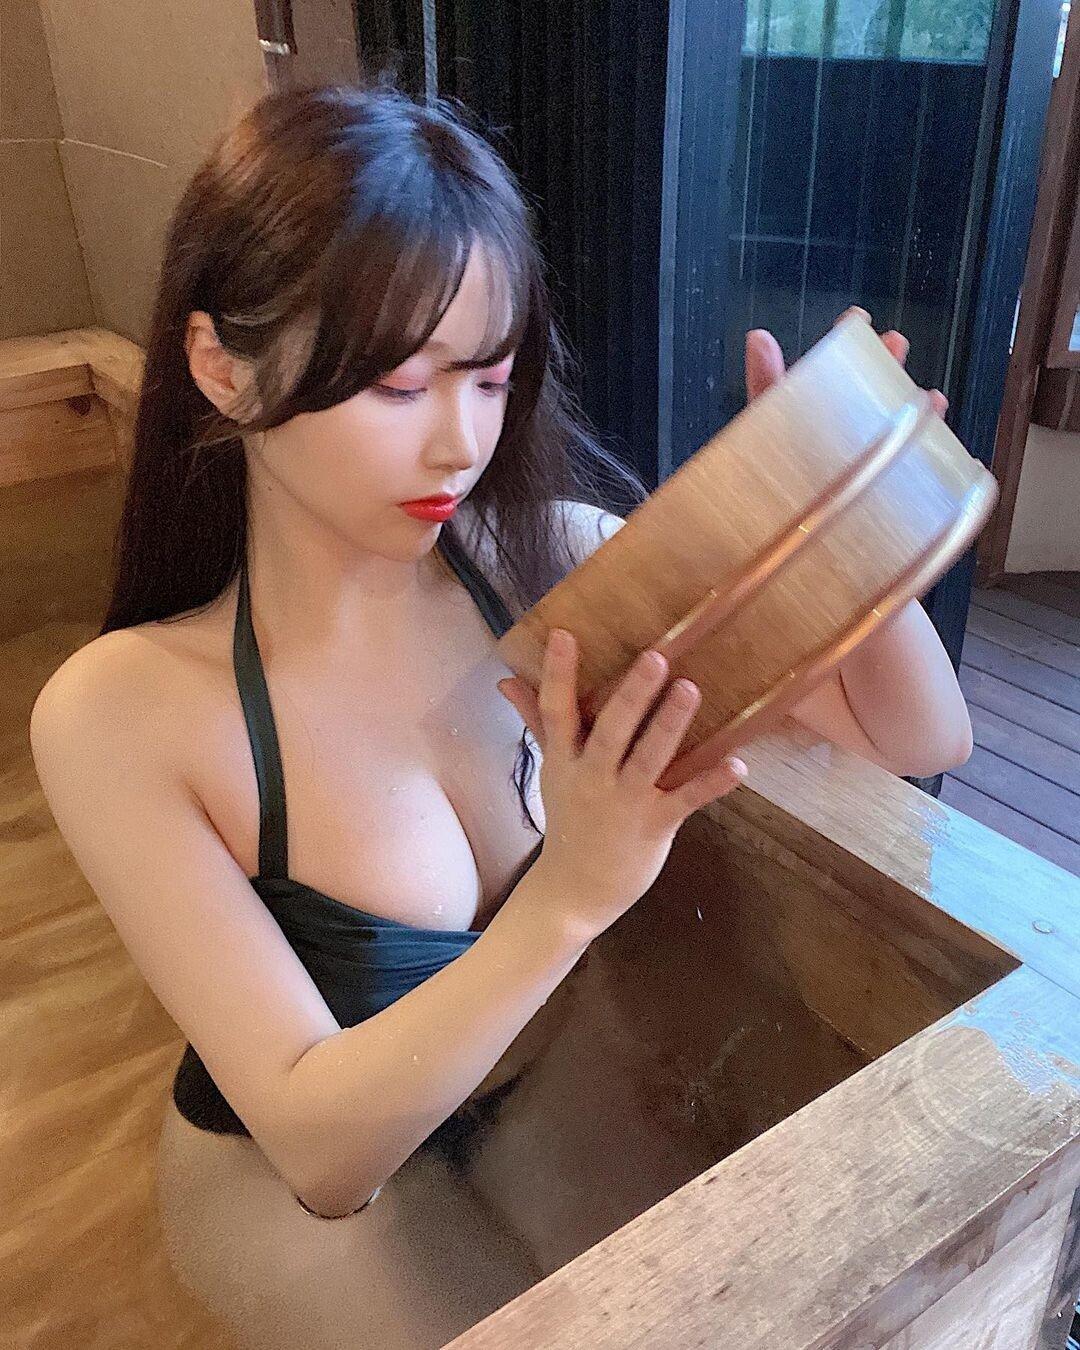 """코코 인스타 업로드 """"매운맛 몇단계야?"""""""